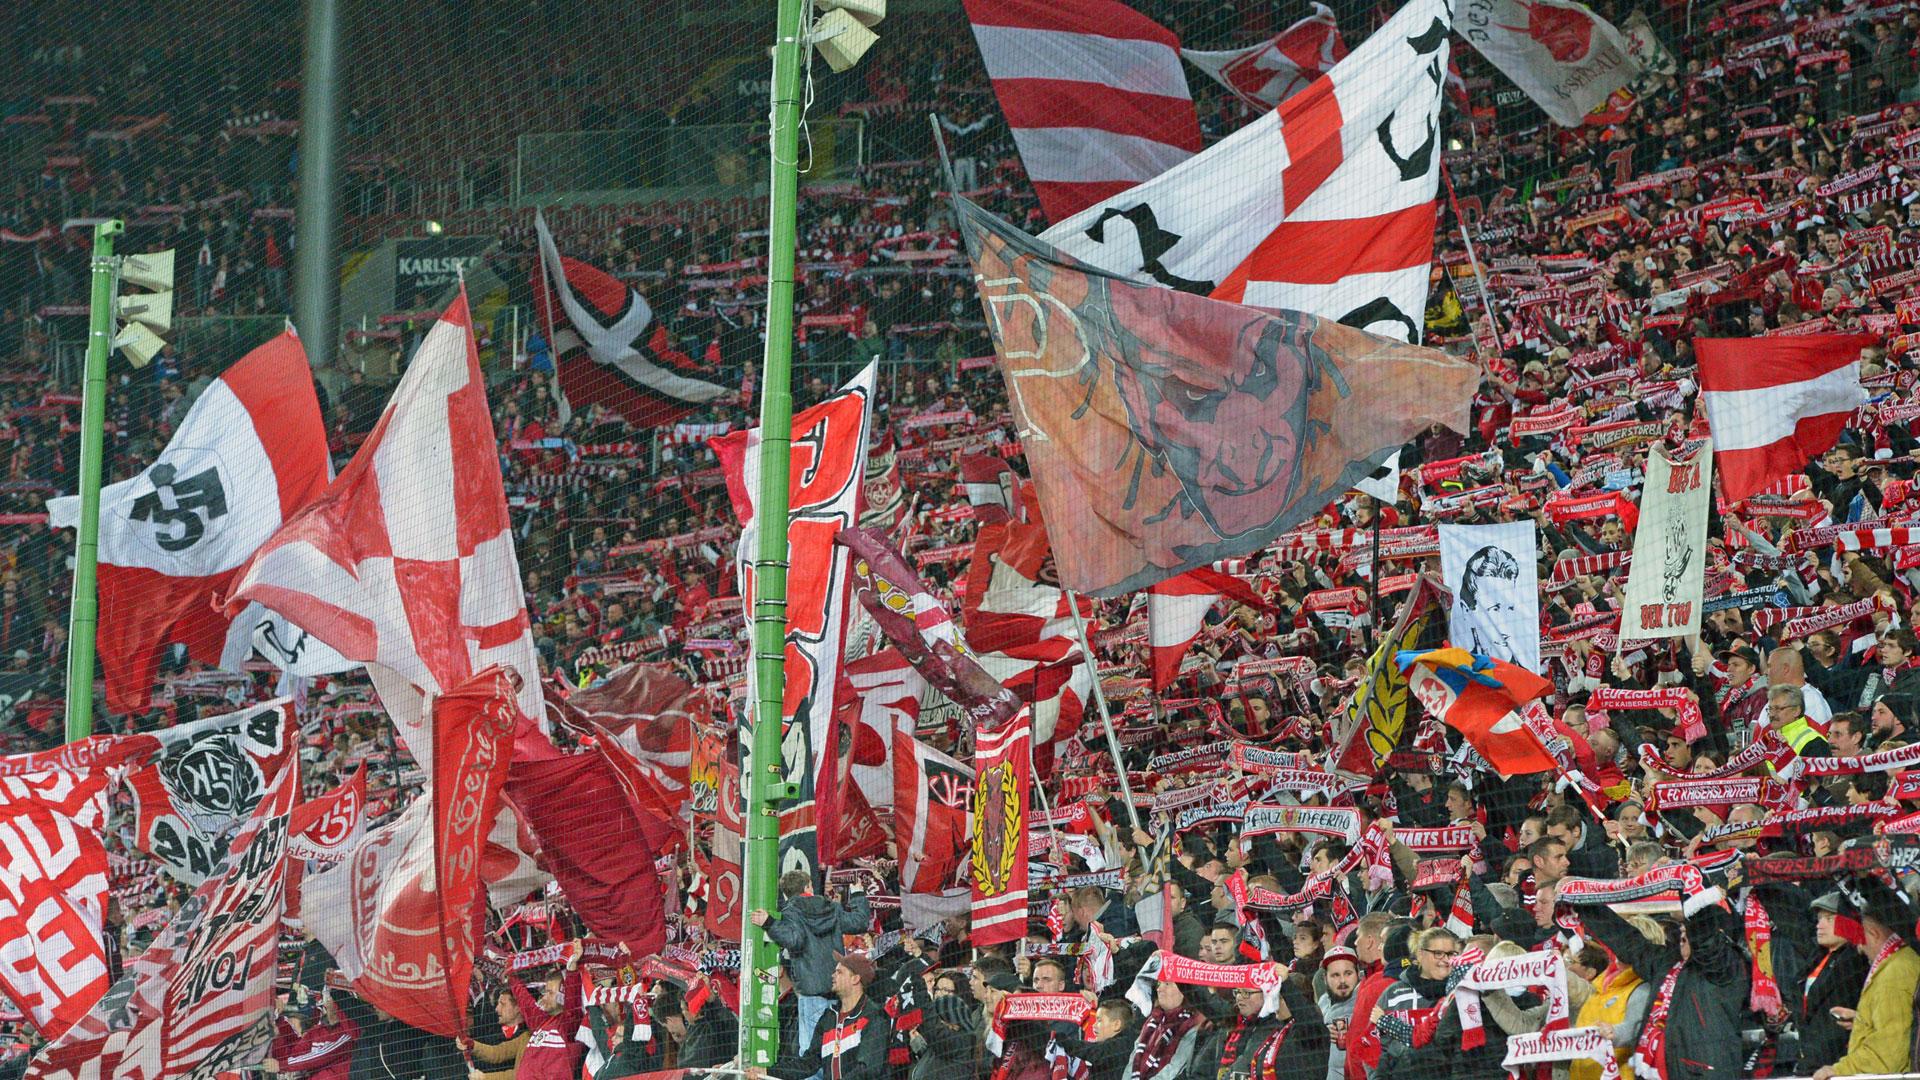 1. FC Kaiserslautern Fans